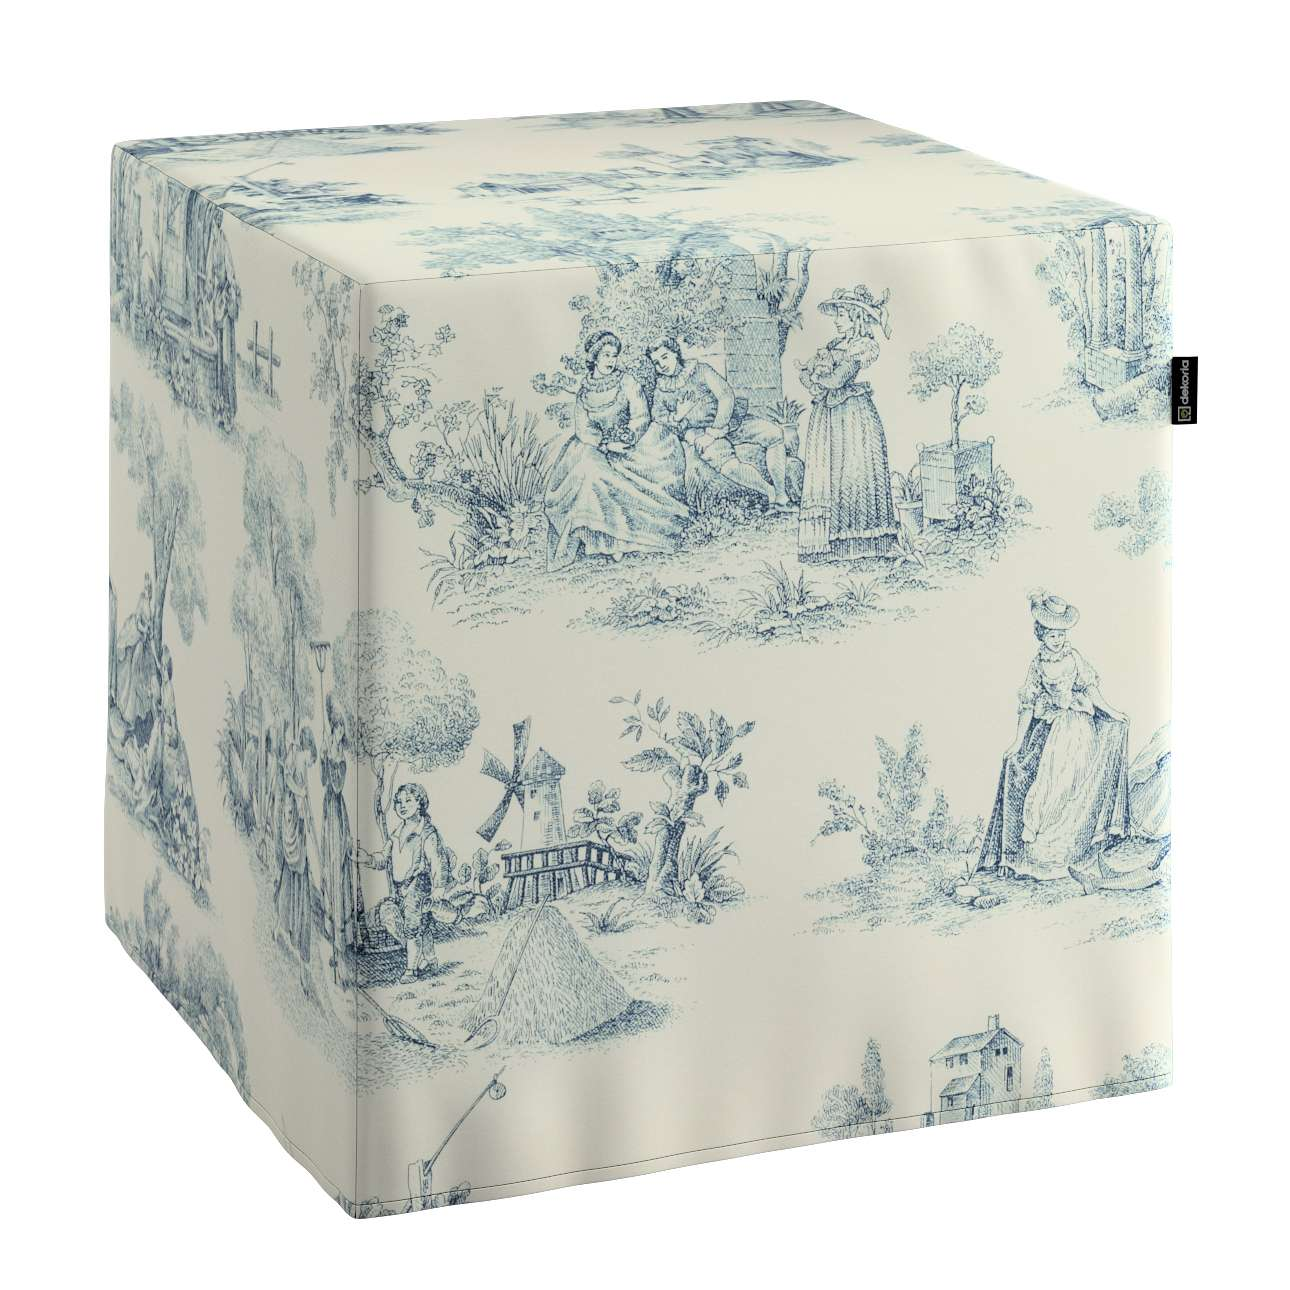 Sedák kostka - pevná 40 x 40 x 40 cm v kolekci Avignon, látka: 132-66